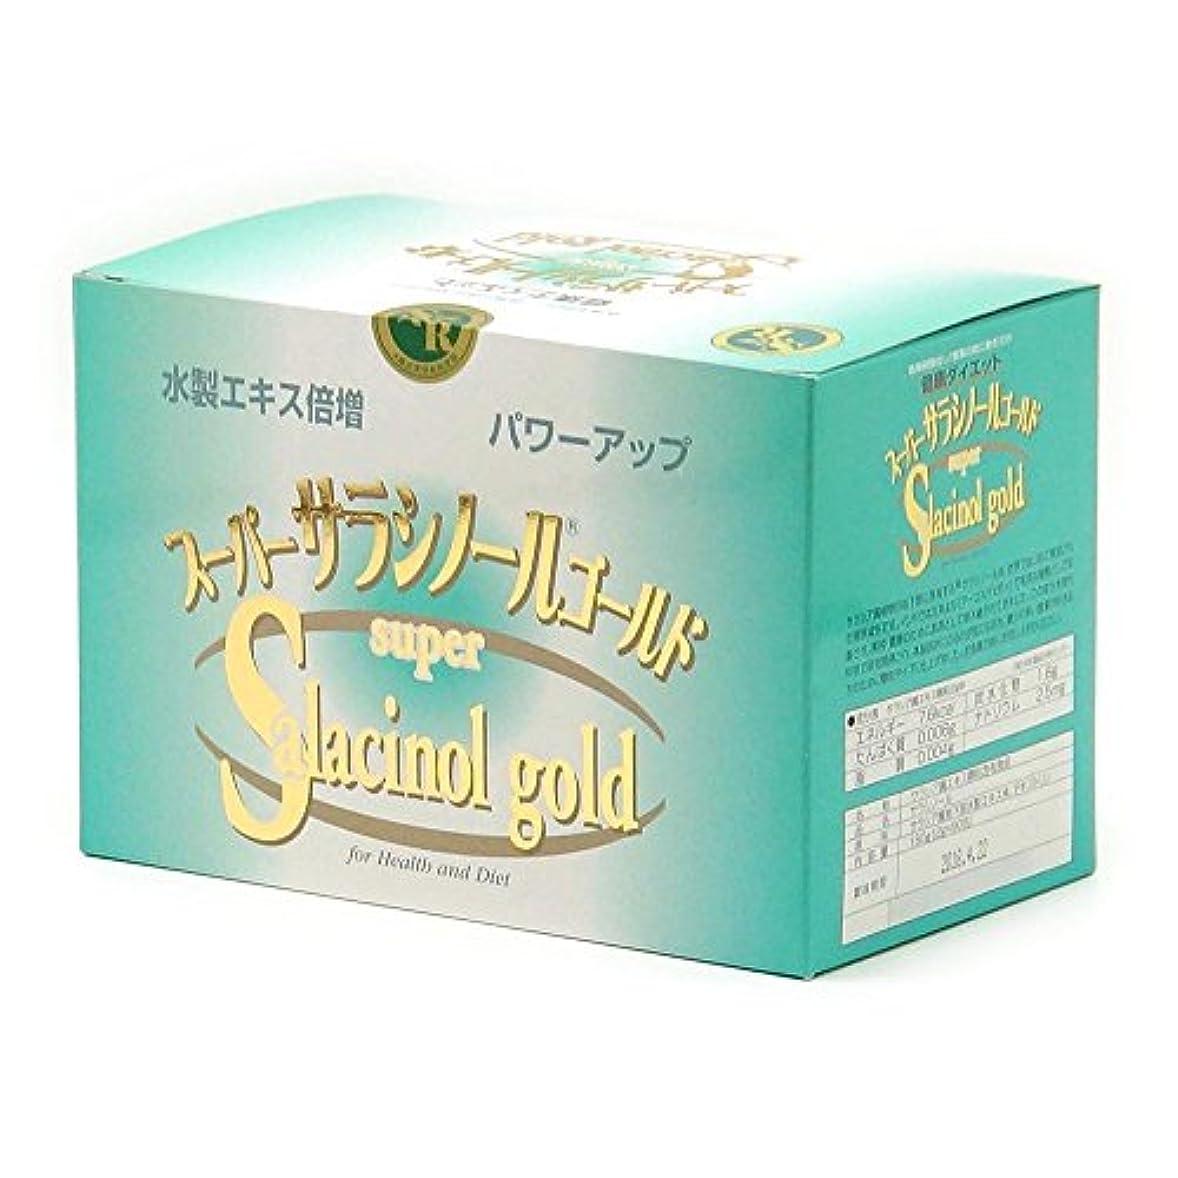 油脅かす閃光スーパーサラシノールゴールド 2g×90包×3箱セット